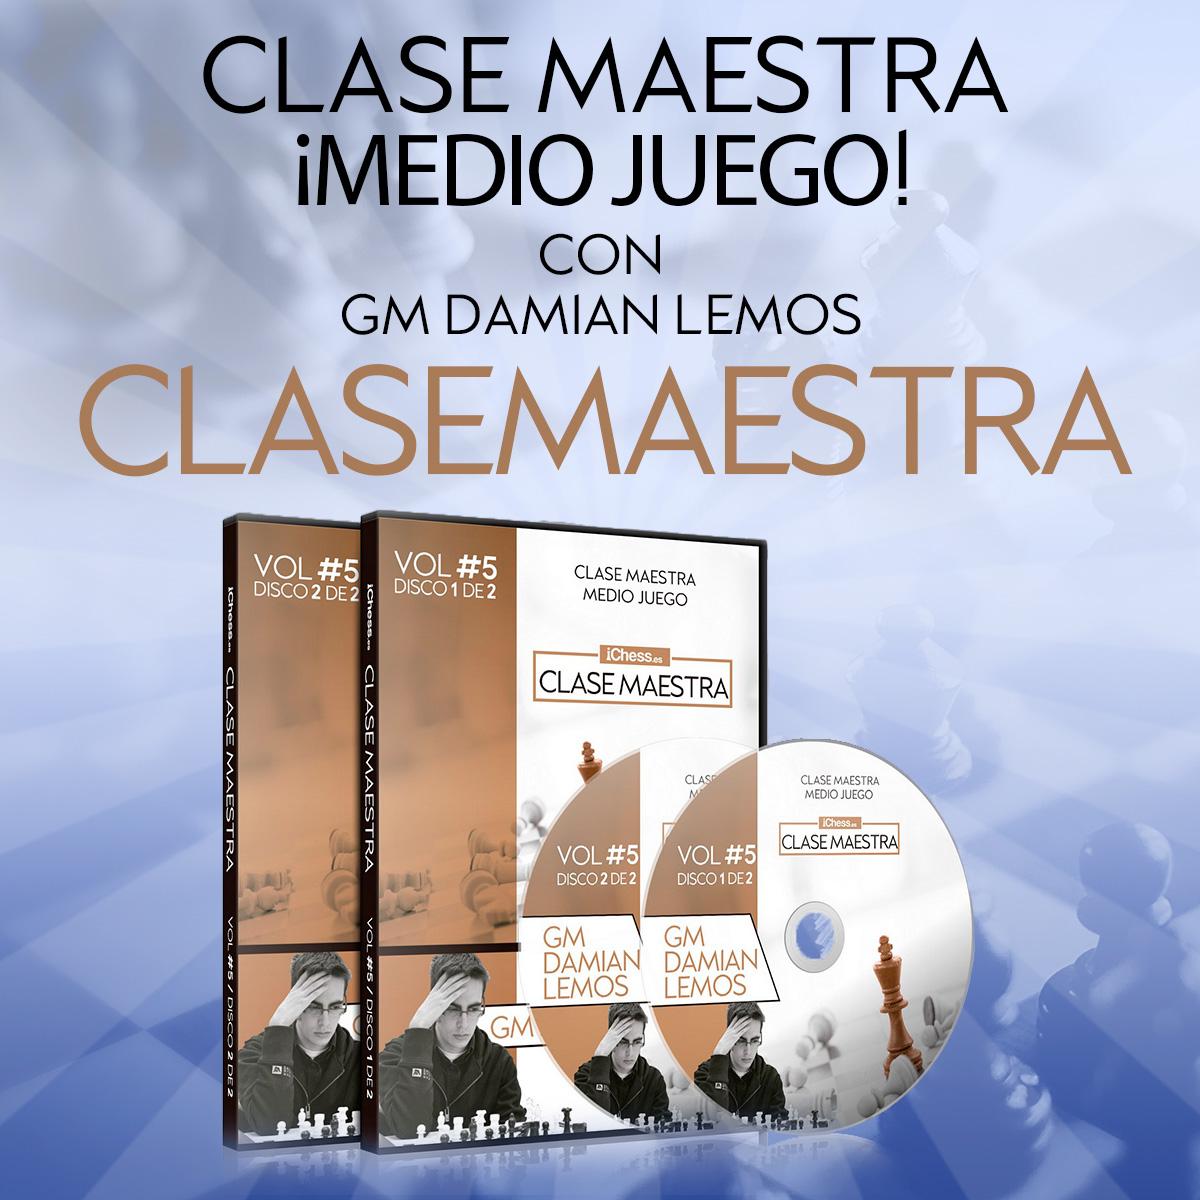 ClaseMaestra-Medio-Juego-GM-Damian-Lemos